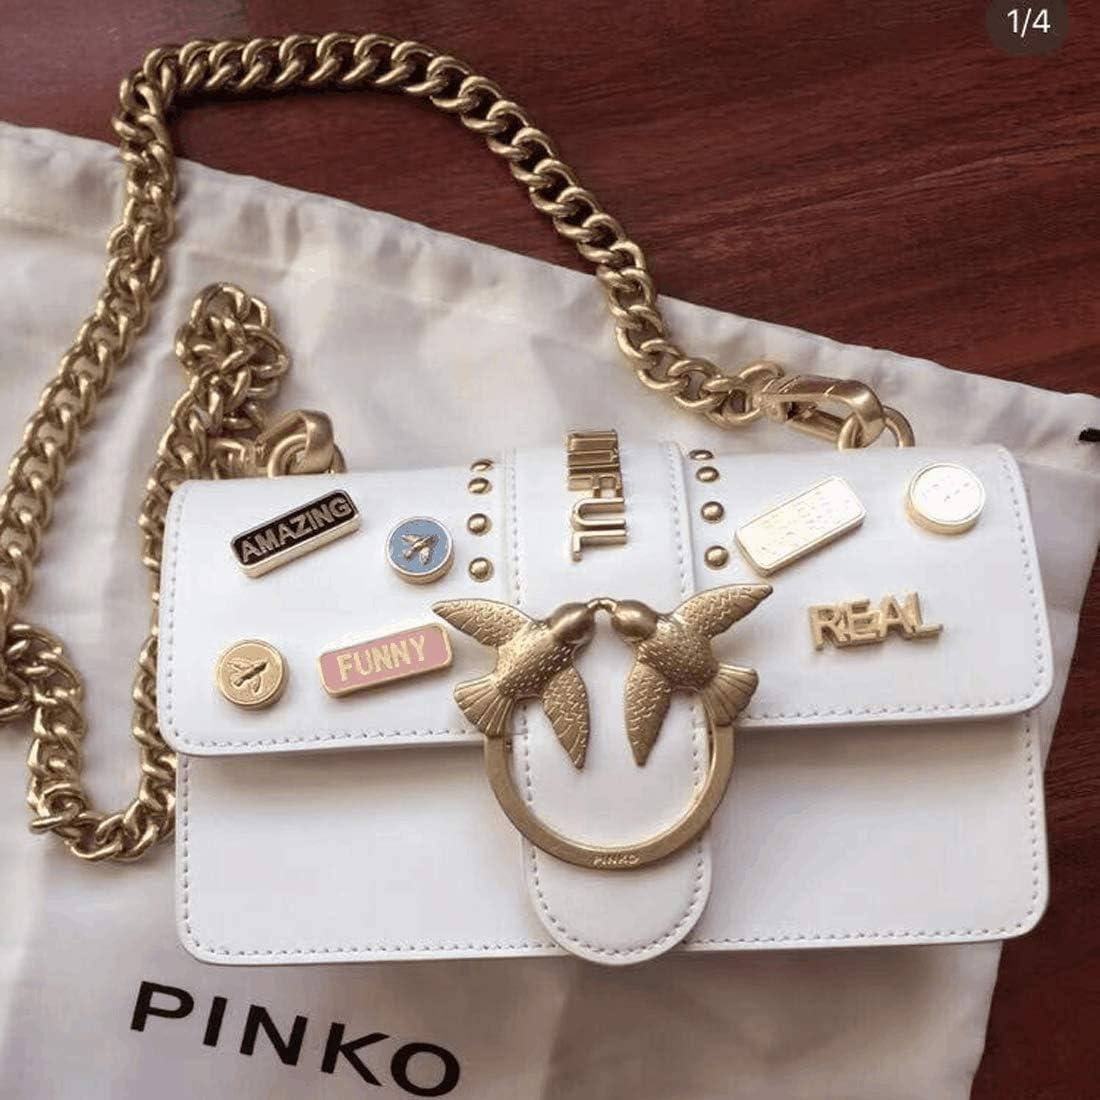 Pinko Love Bag, Ciondolo medaglia, bello e resistente, si sente liscio, fatto a mano in pelle, cucito finemente, elegante ed energico, di alta qualità Bianco